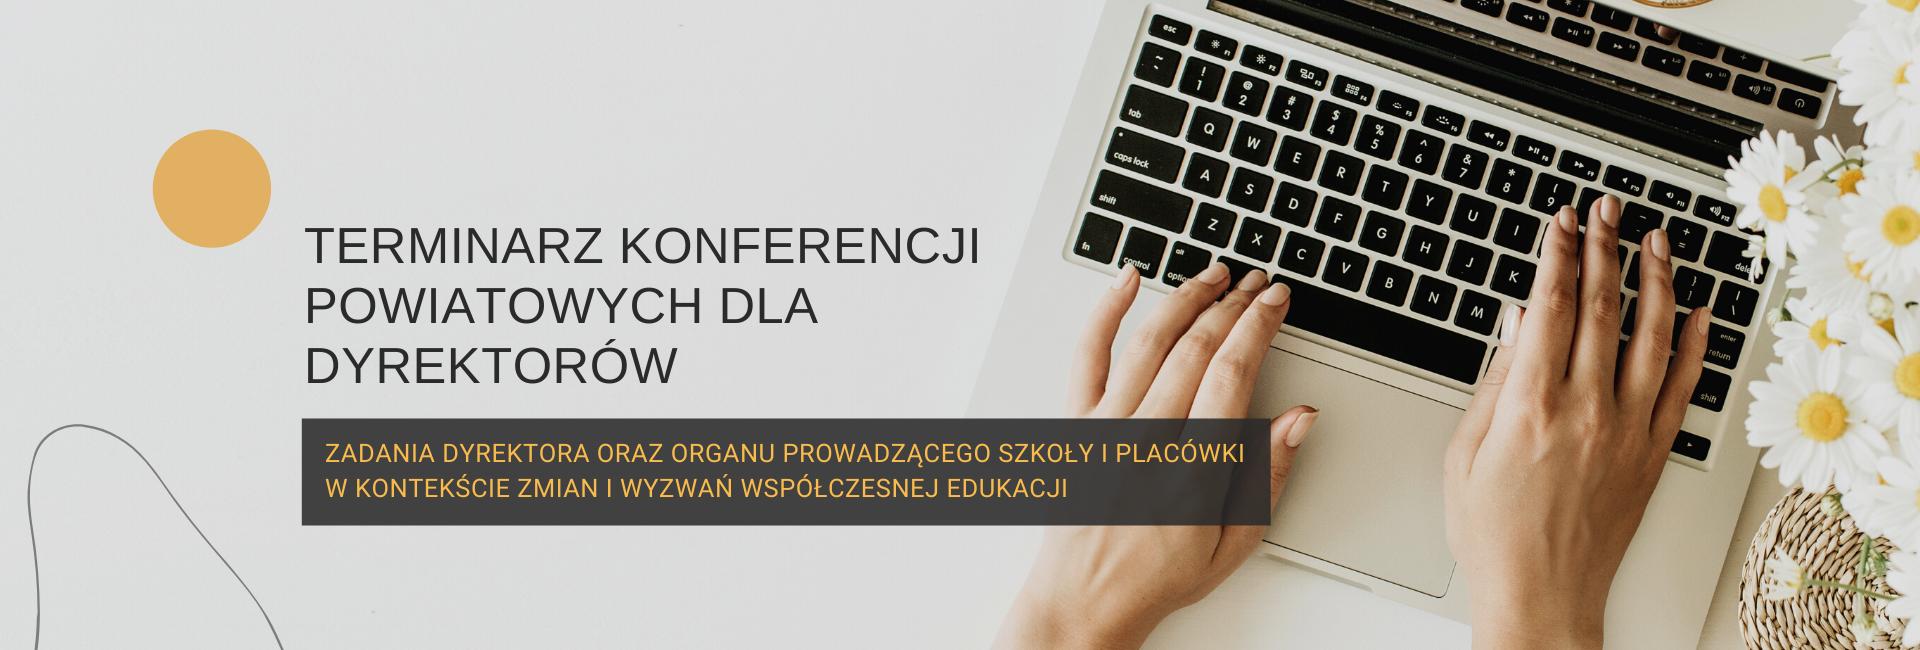 Konferencje powiatowe dla dyrektorów nt. Zadania dyrektora oraz organu prowadzącego szkoły i placówki w kontekście zmian, wyzwań współczesnej edukacji